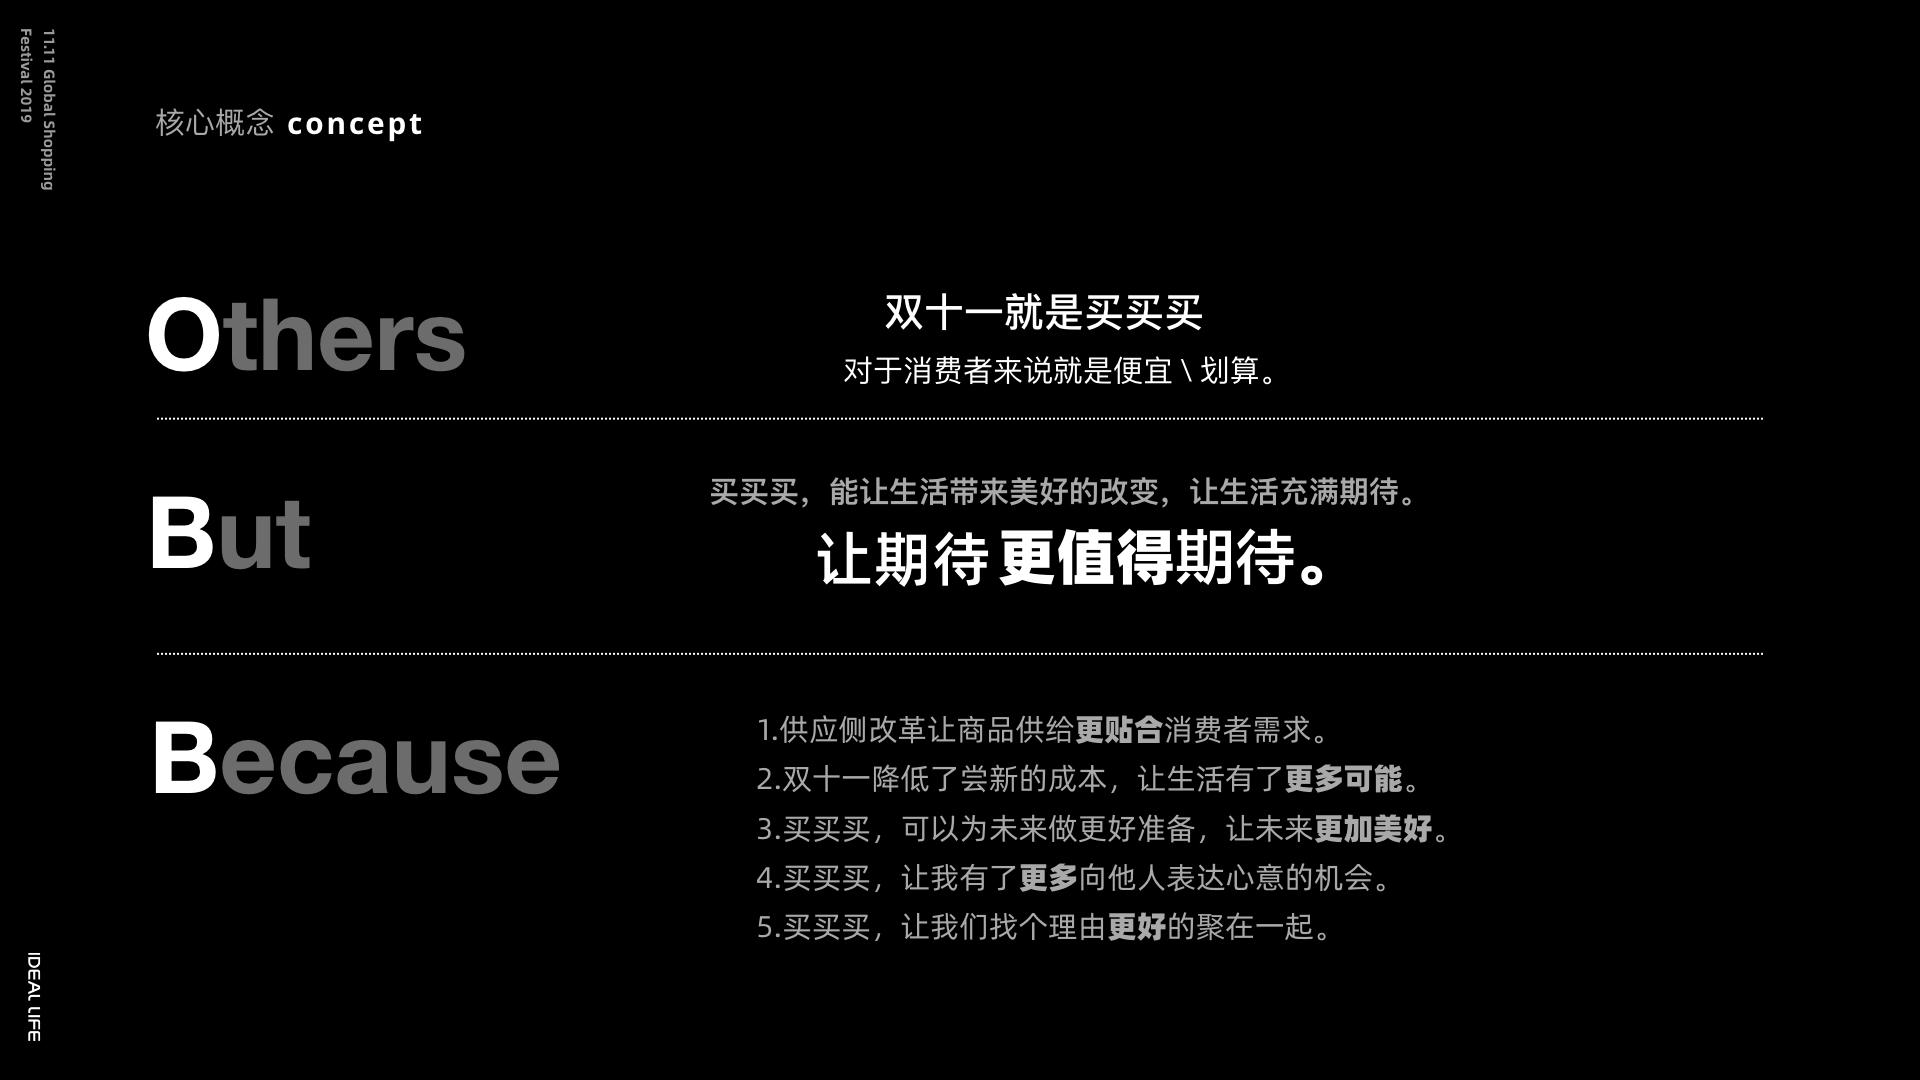 2019天猫双十一品牌设计背后的故事插图4